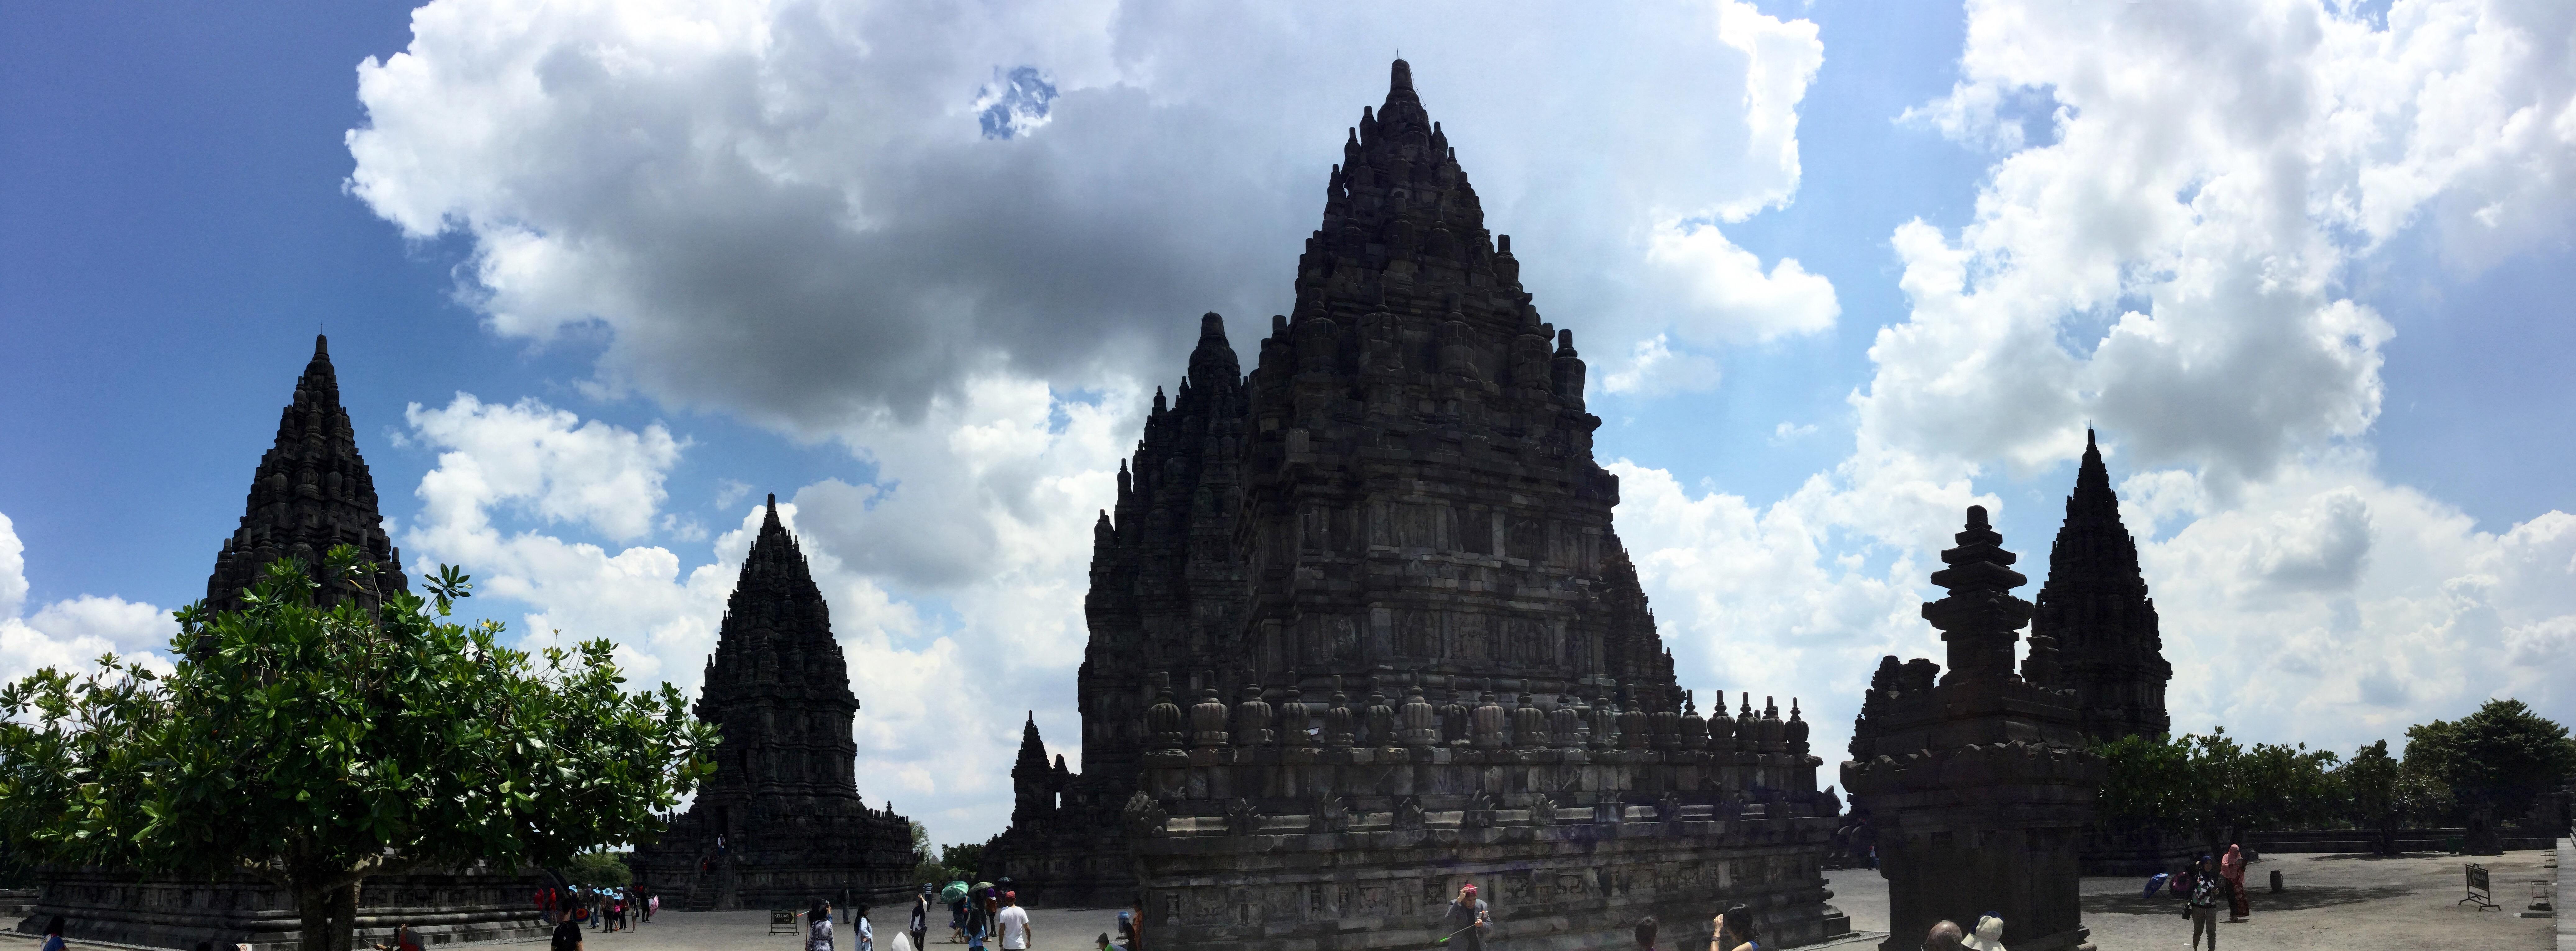 Prambanan Yogyakarta Indonesia